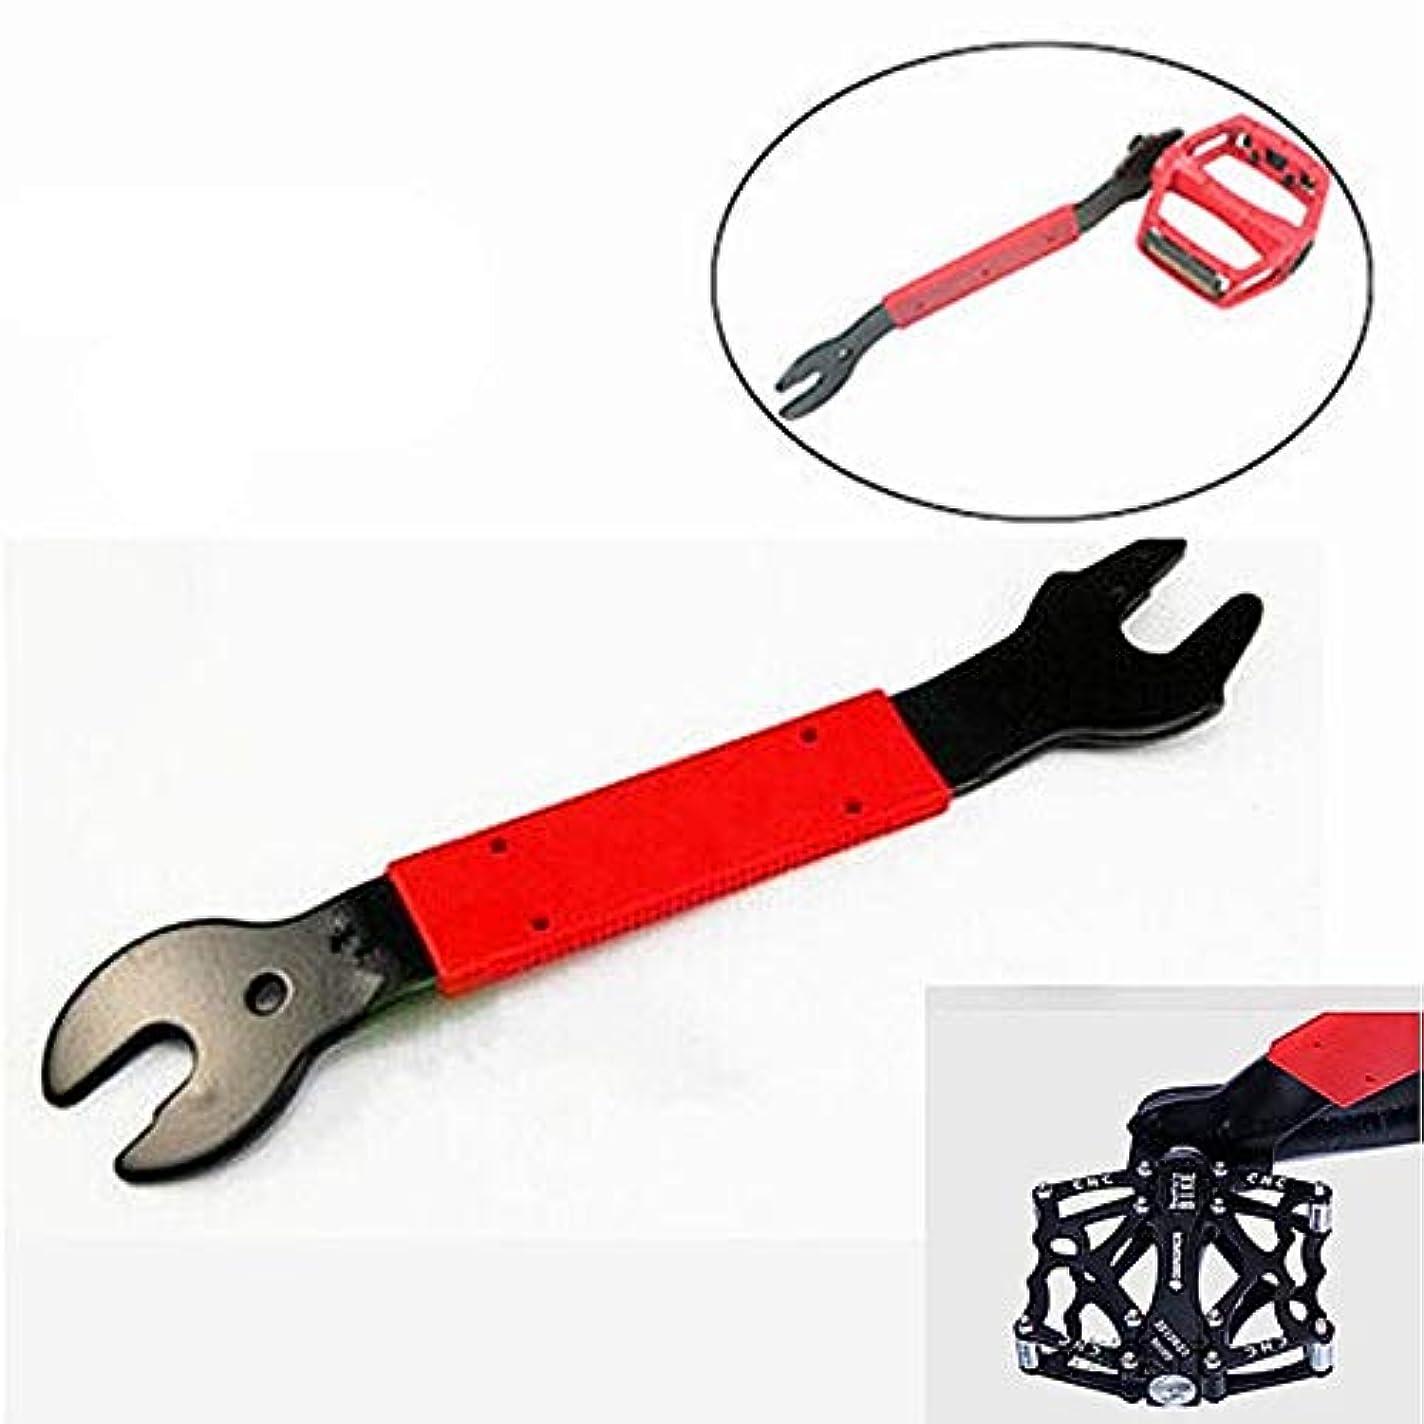 変装した症状破壊的Propenary - サイクリング自転車自転車修理ツールペダルレンチ特殊レンチの一部を除去工具15/16/17ミリペダルの取り付けと取り外し